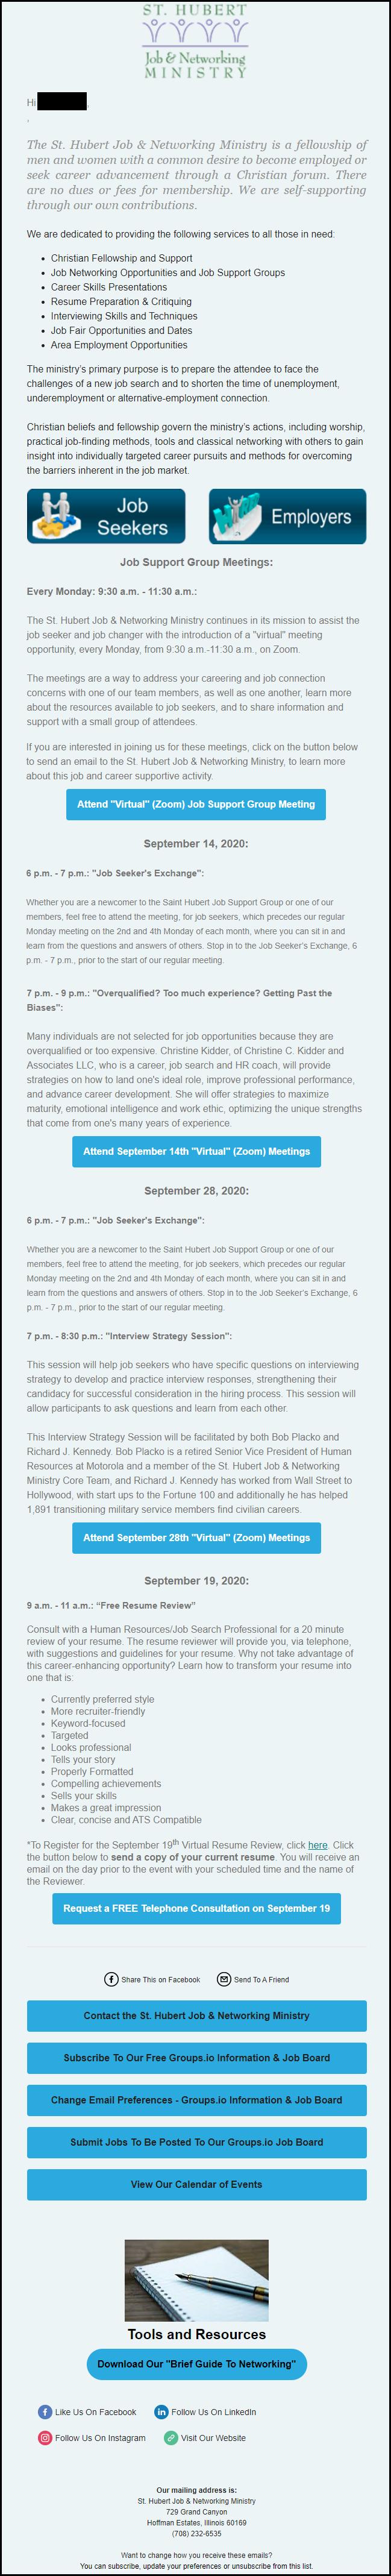 st-hubert-job-ministry-september-2020-events-newsletter